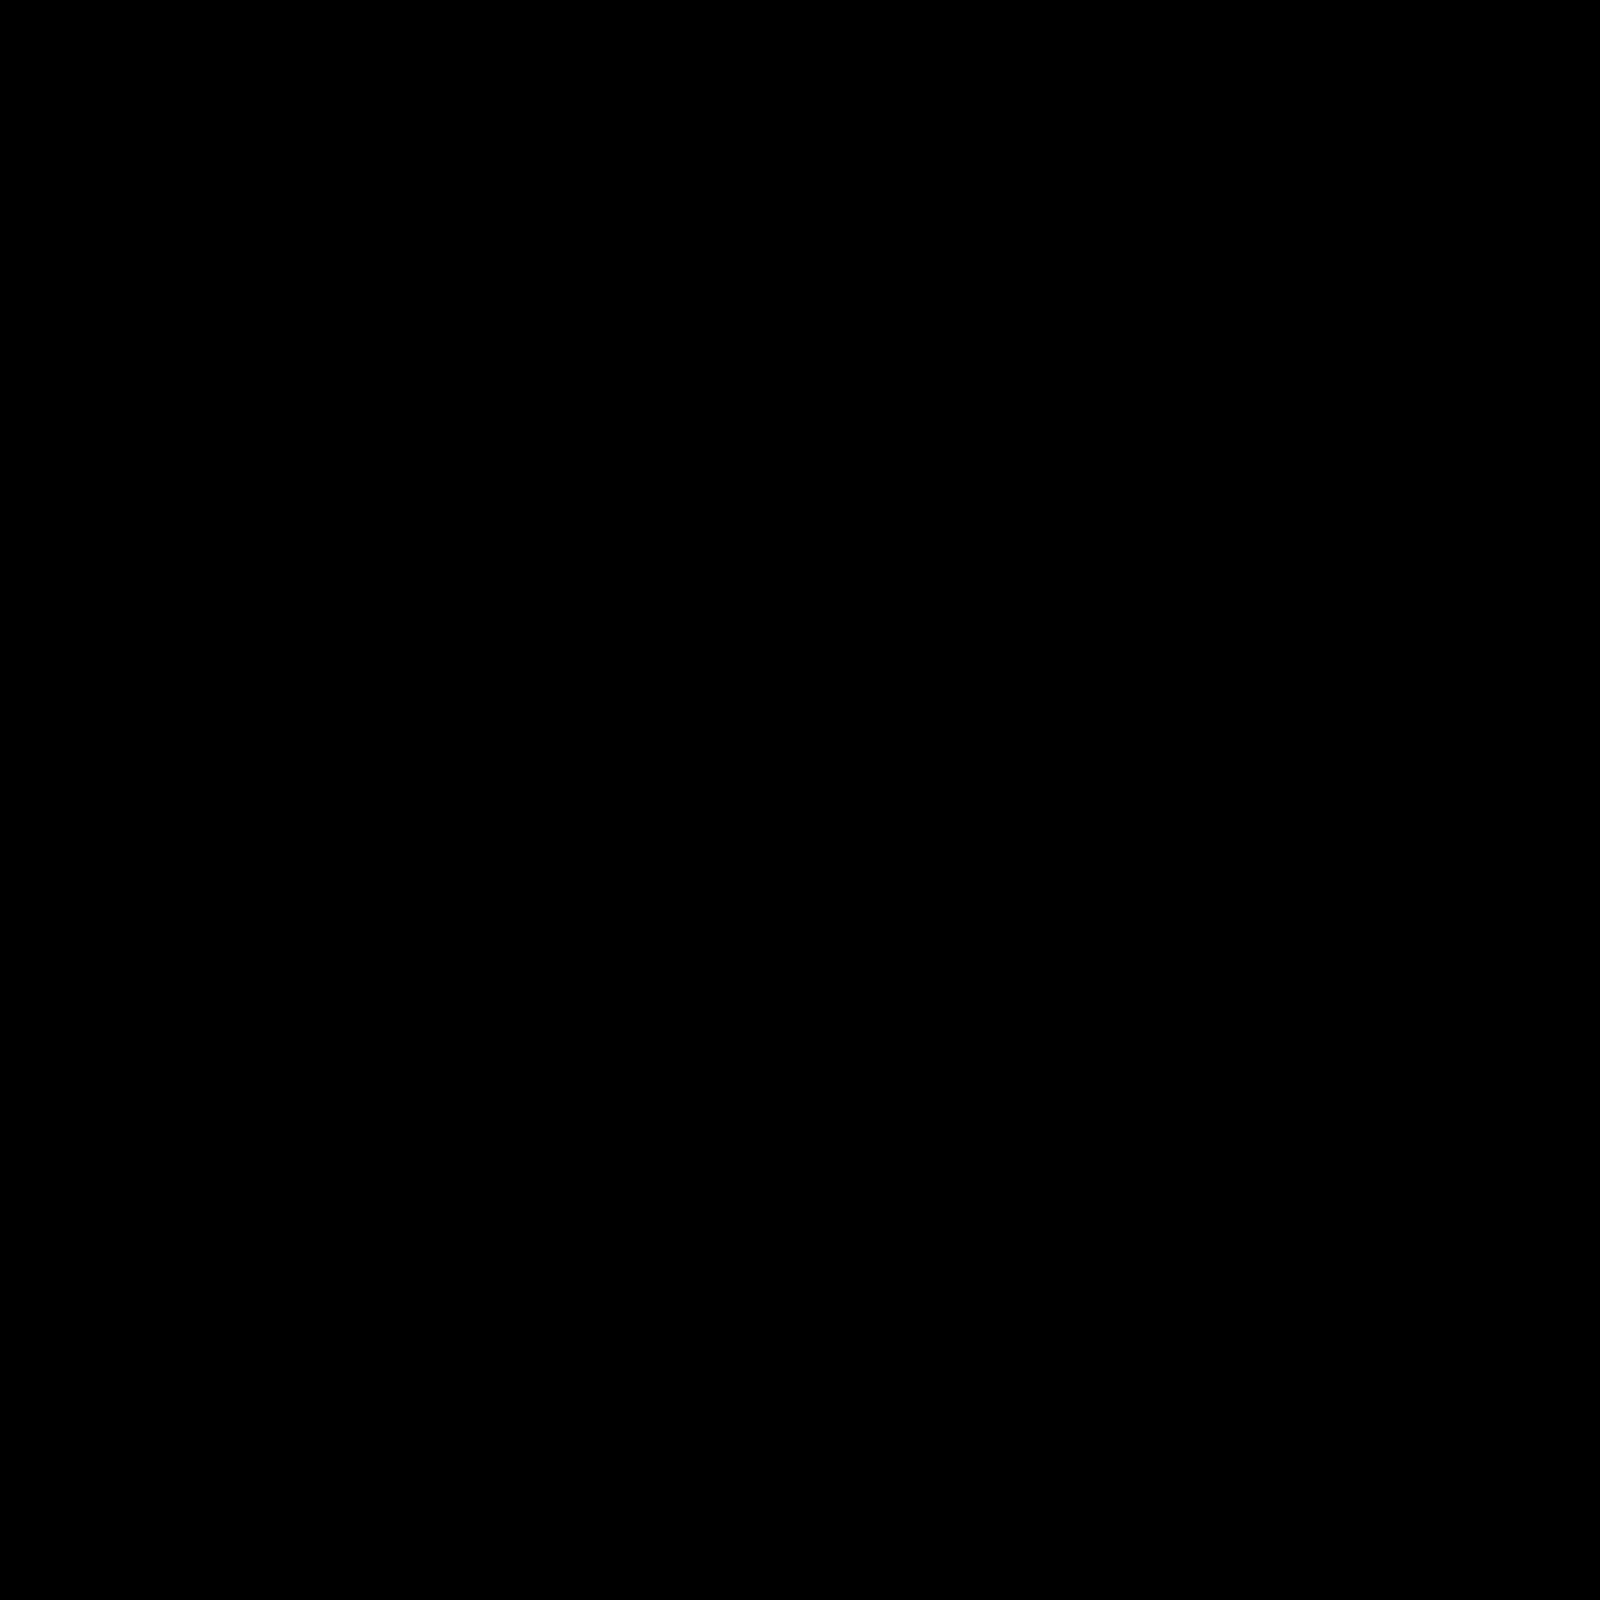 Octocat icon